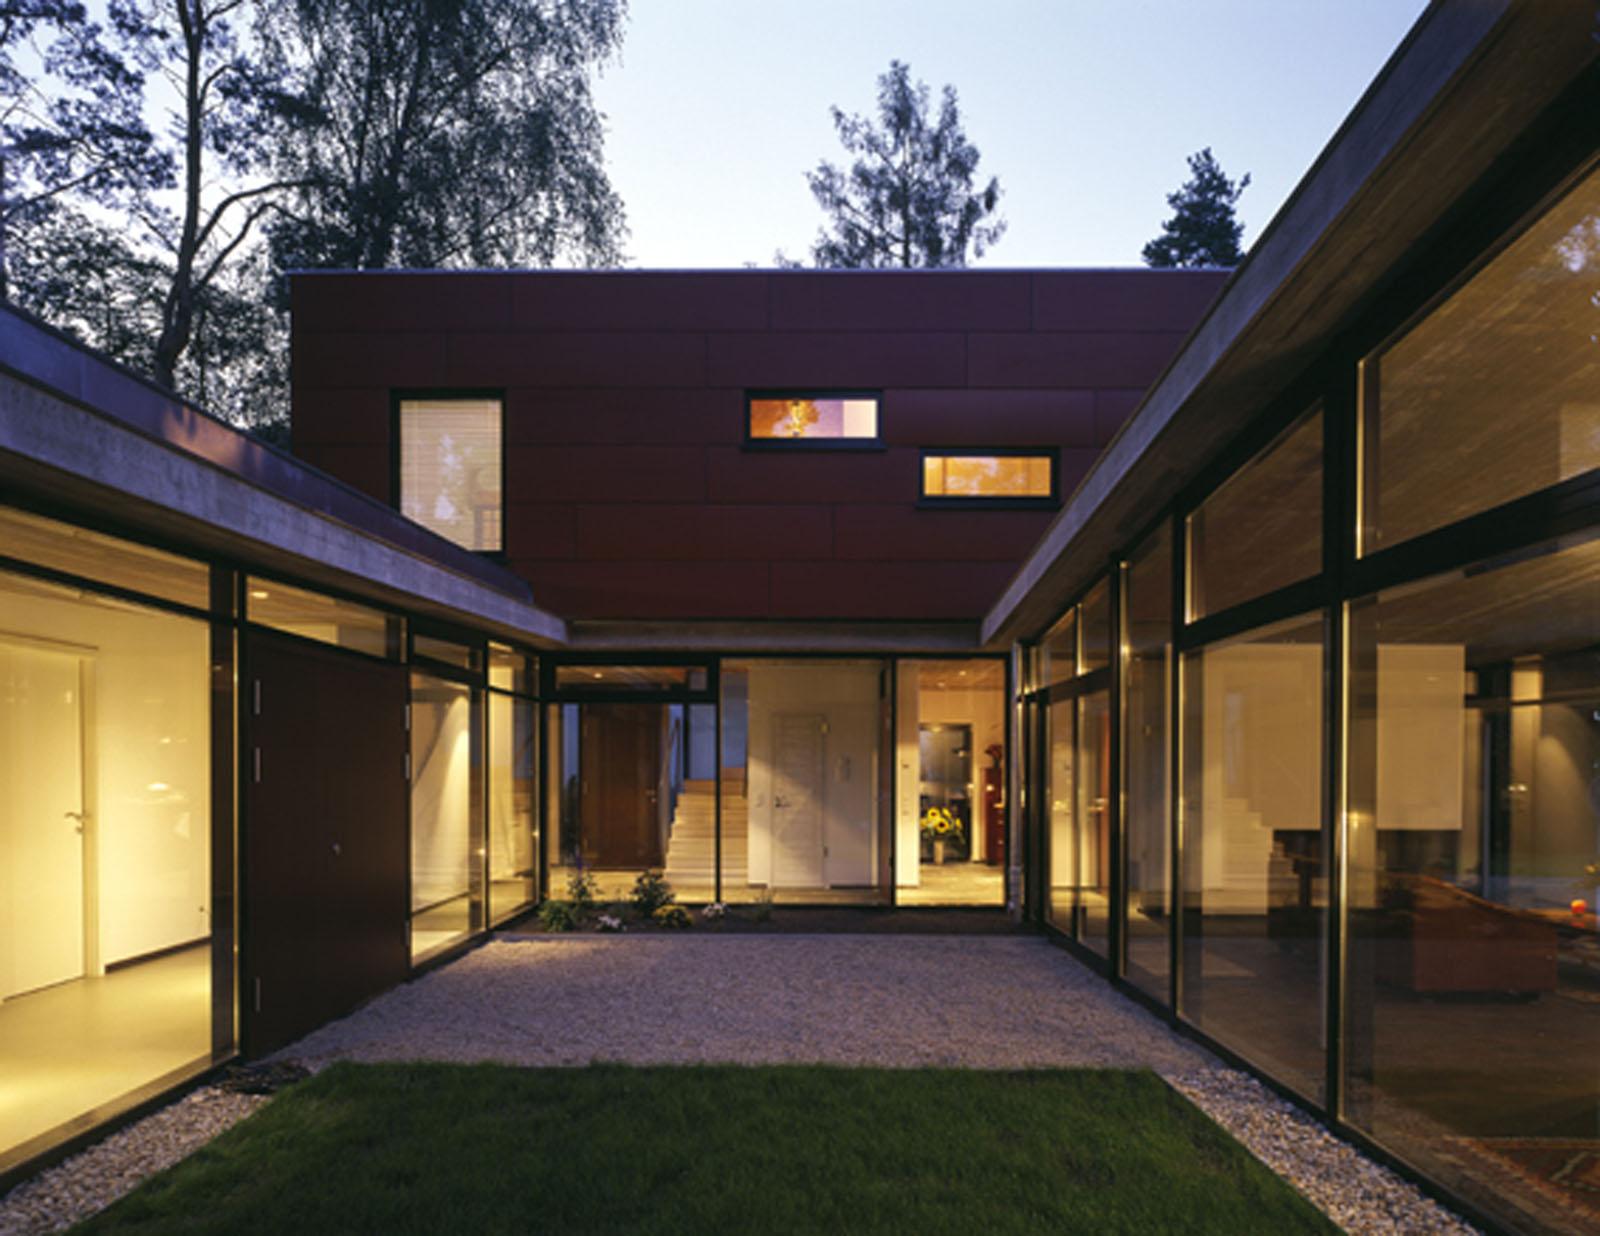 Haus r kleinmachnow bei berlin alten architekten berlin for Einfamilienhaus berlin